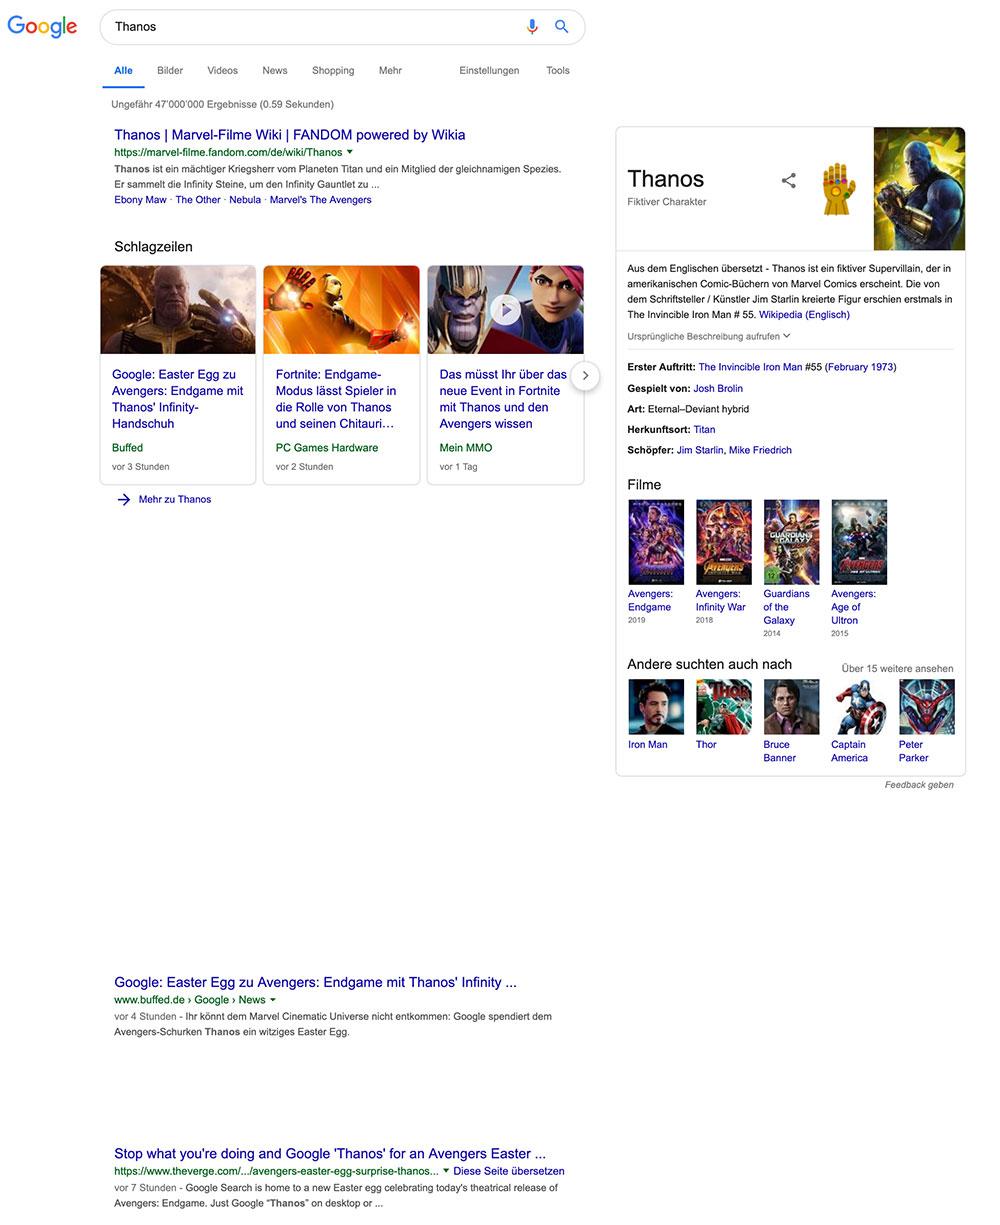 google thanos aventers easteregg 3 - Google Thanos Avengers 4 Endgame Easteregg